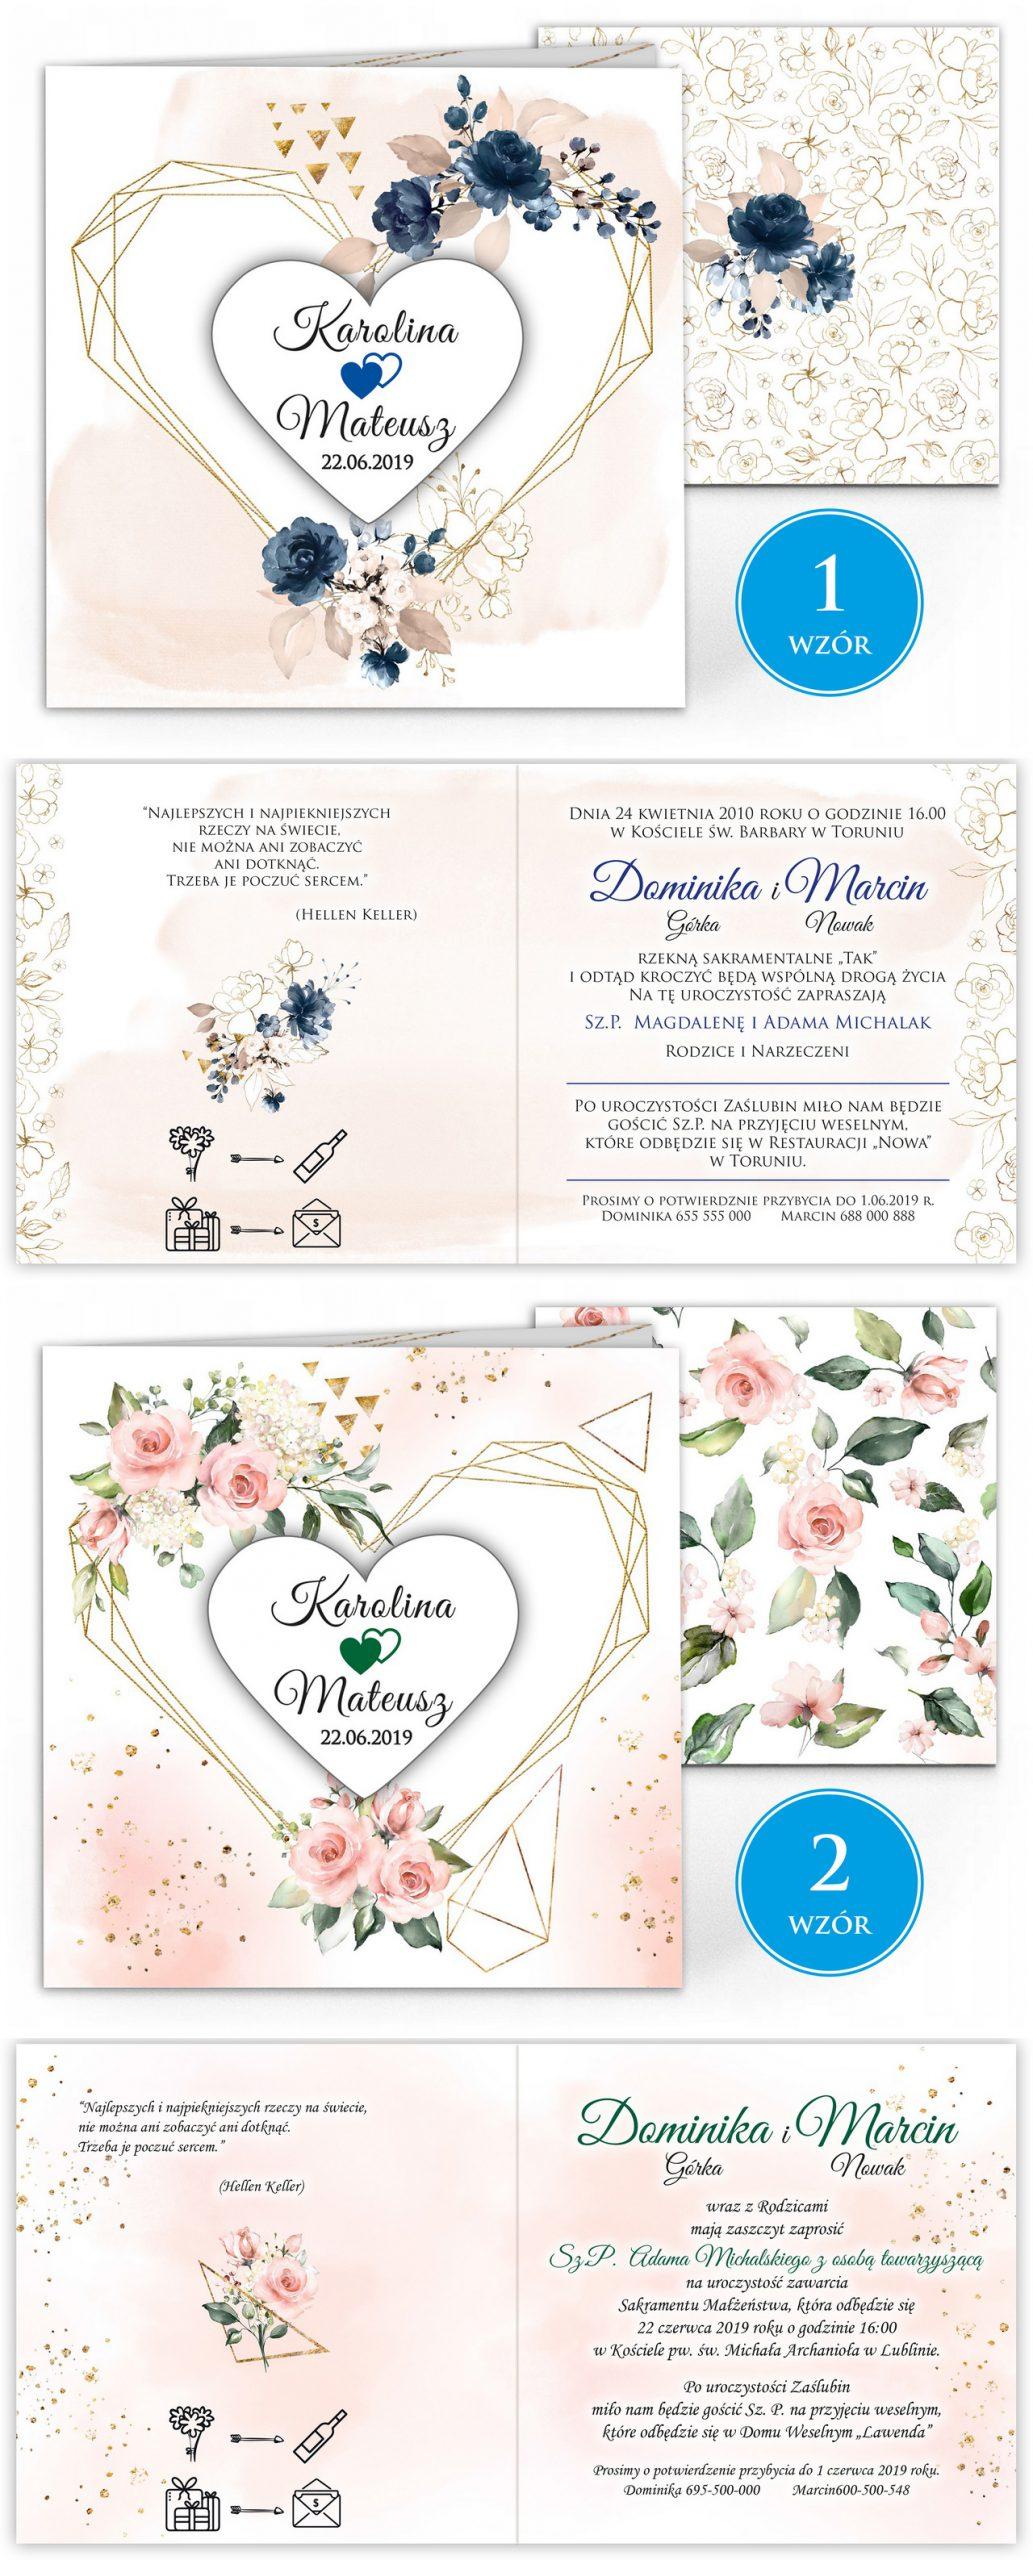 zaproszenia-ślubne-boho-rustykalne-kwiatowe--ramki-serca-geometryczne-ze-wstążką-Wenus2-plansza-wzory1-2